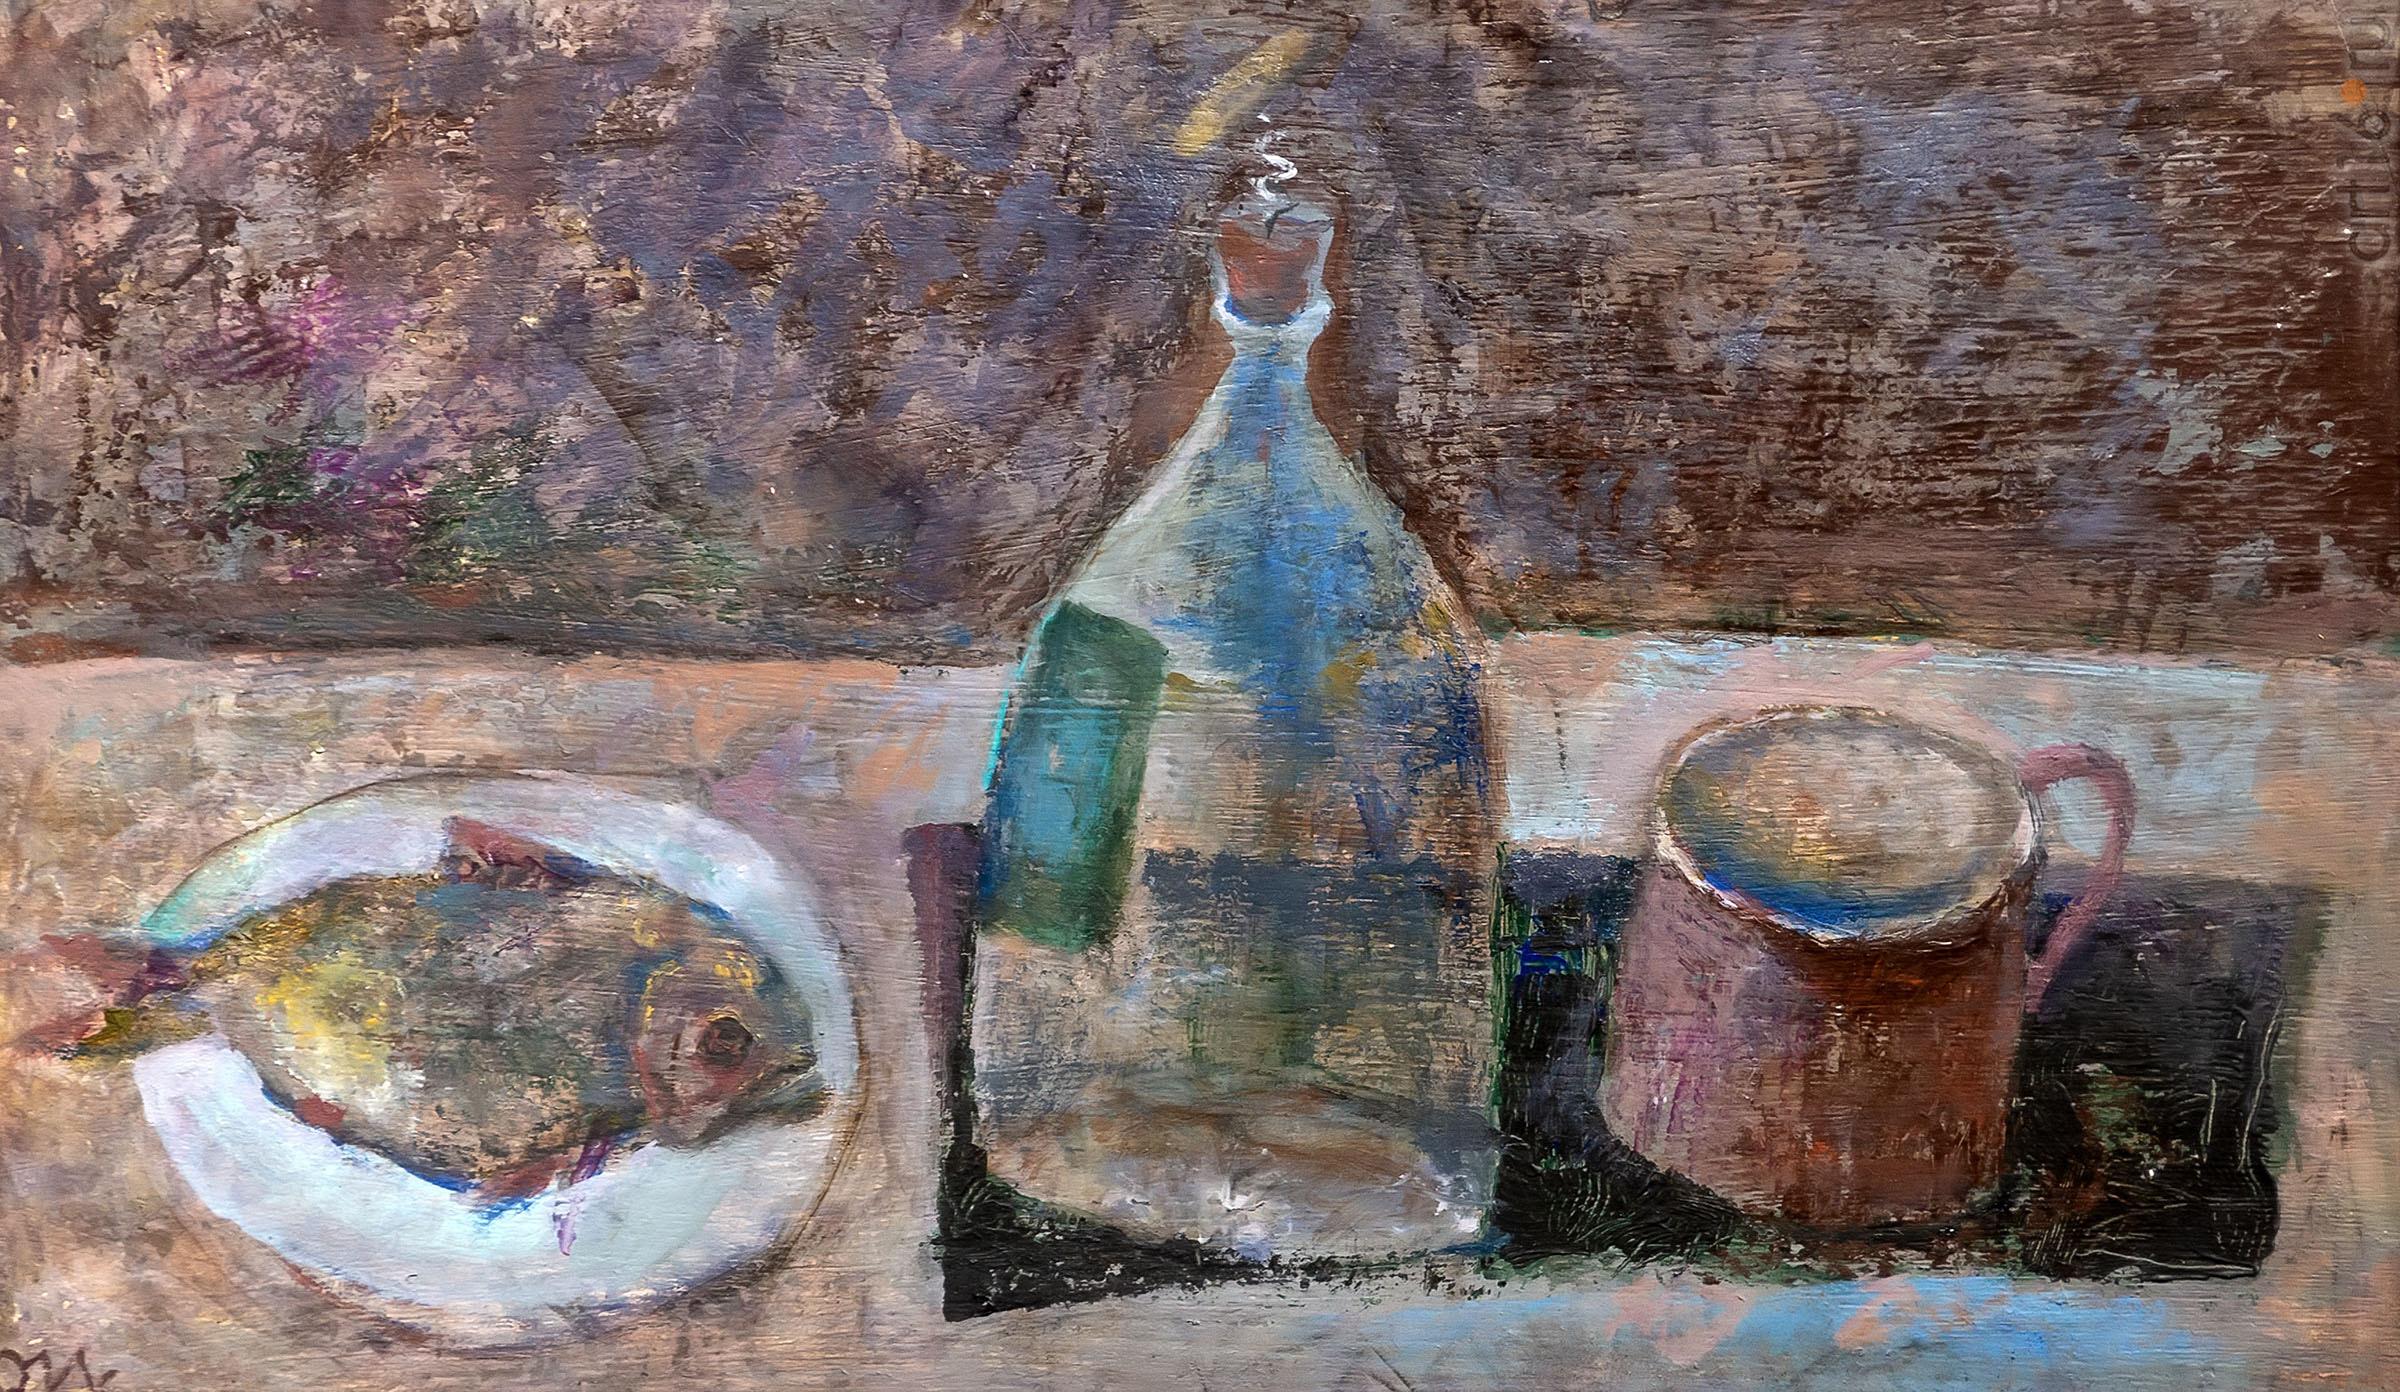 Натюрморт с рыбой. Олег Иванов:: Олег Иванов (1961-2020). Выставка